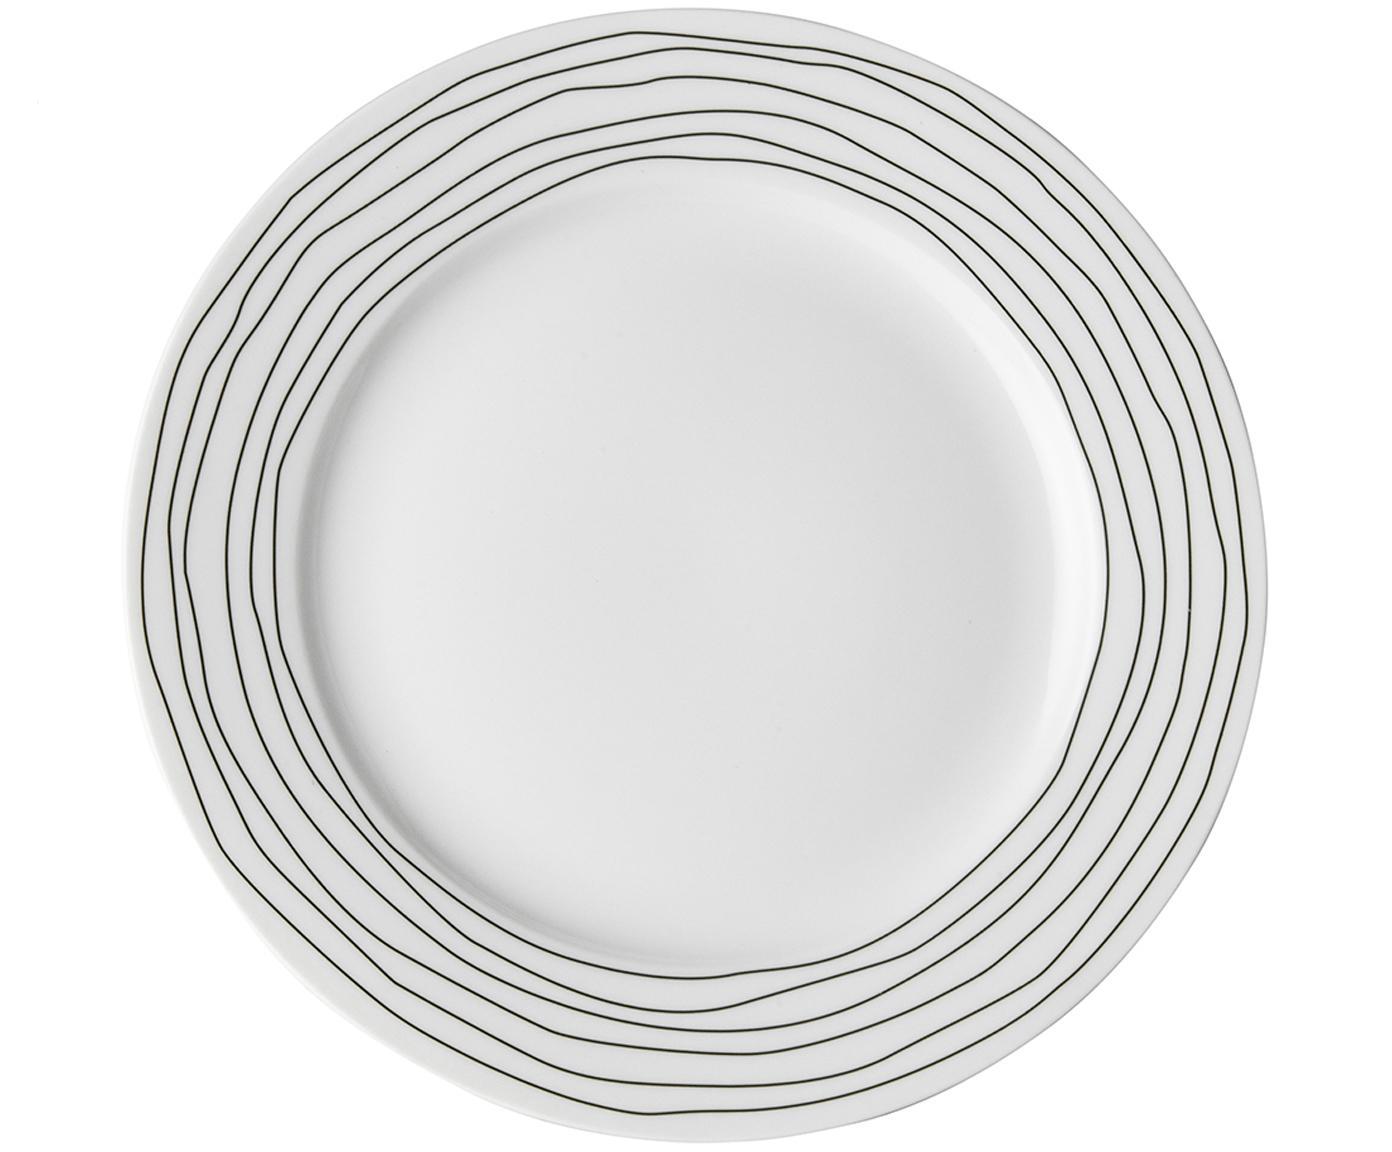 Piatto da colazione Eris Loft 4 pz, Porcellana, Bianco, nero, Ø 21 x Alt. 2 cm